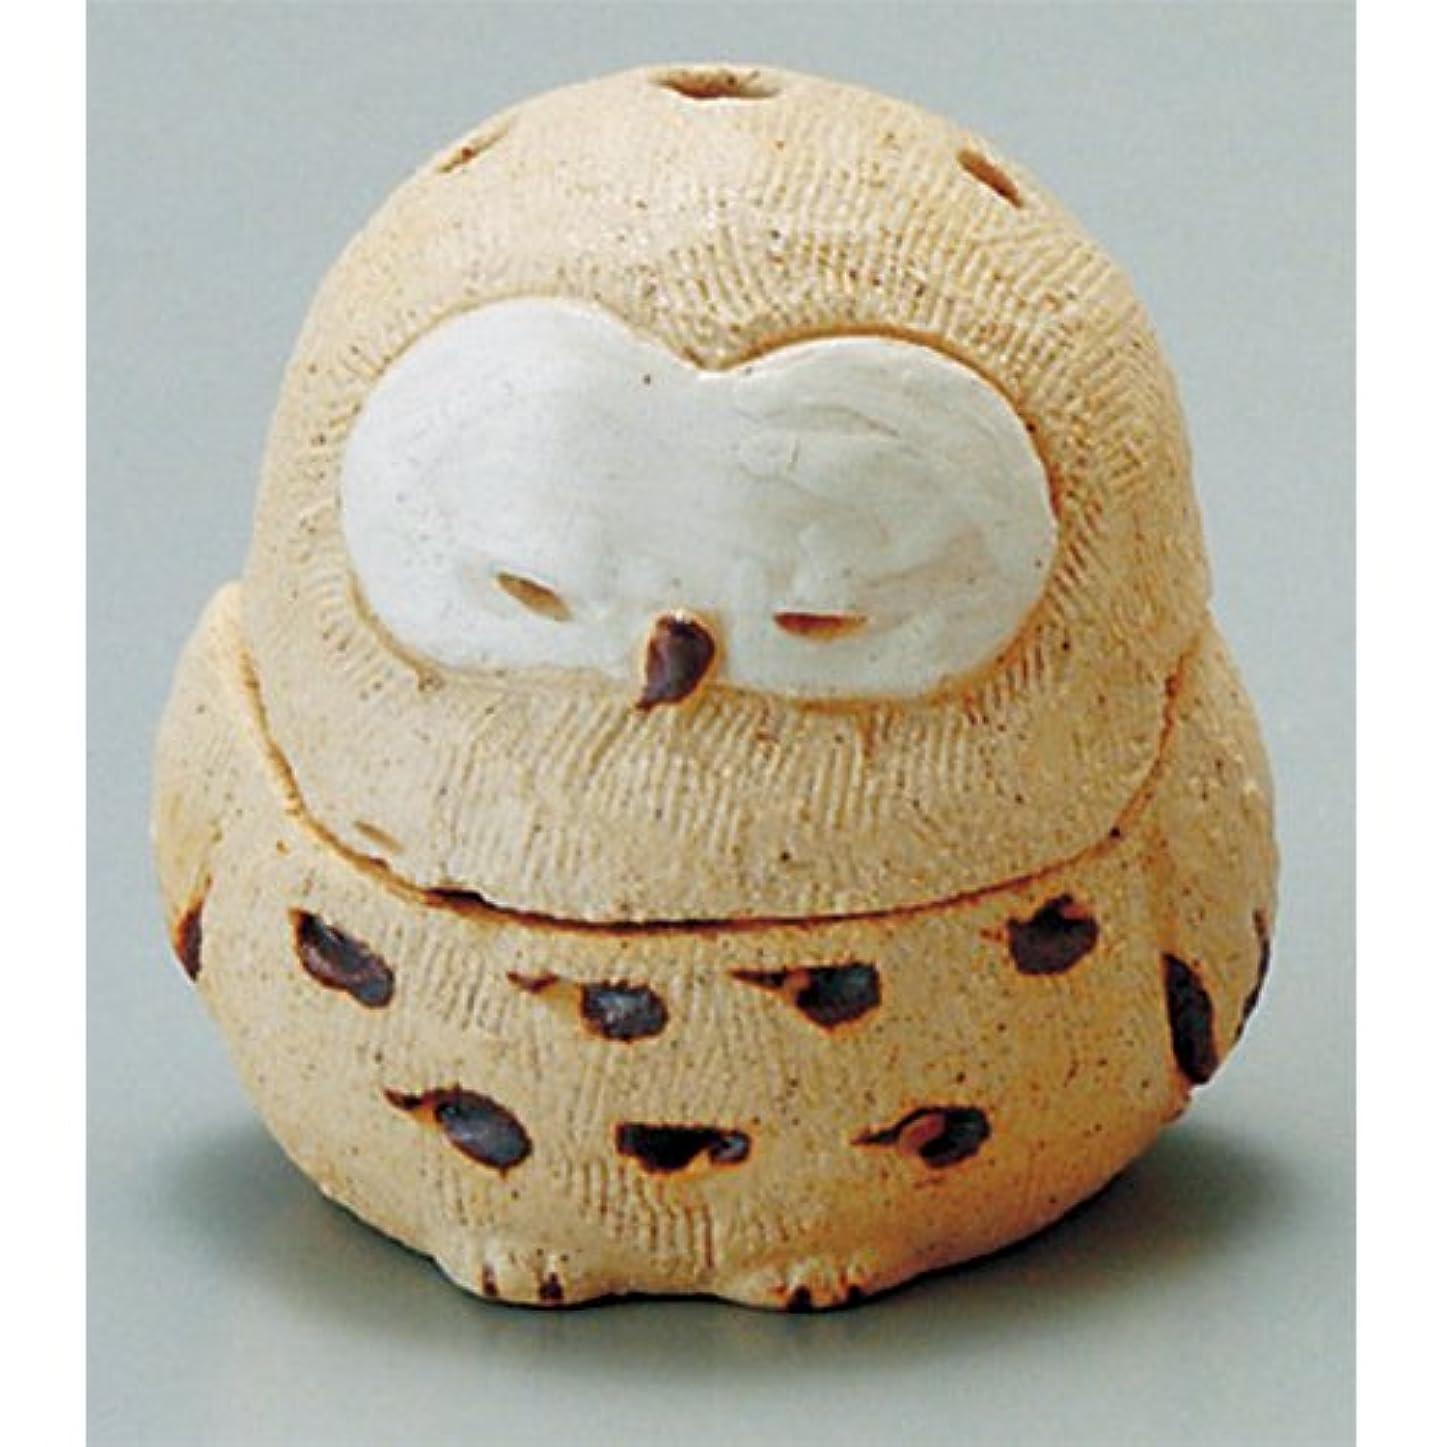 考古学者トロピカル速報香炉 蔵ふくろう 香炉(小) [H6.5cm] HANDMADE プレゼント ギフト 和食器 かわいい インテリア